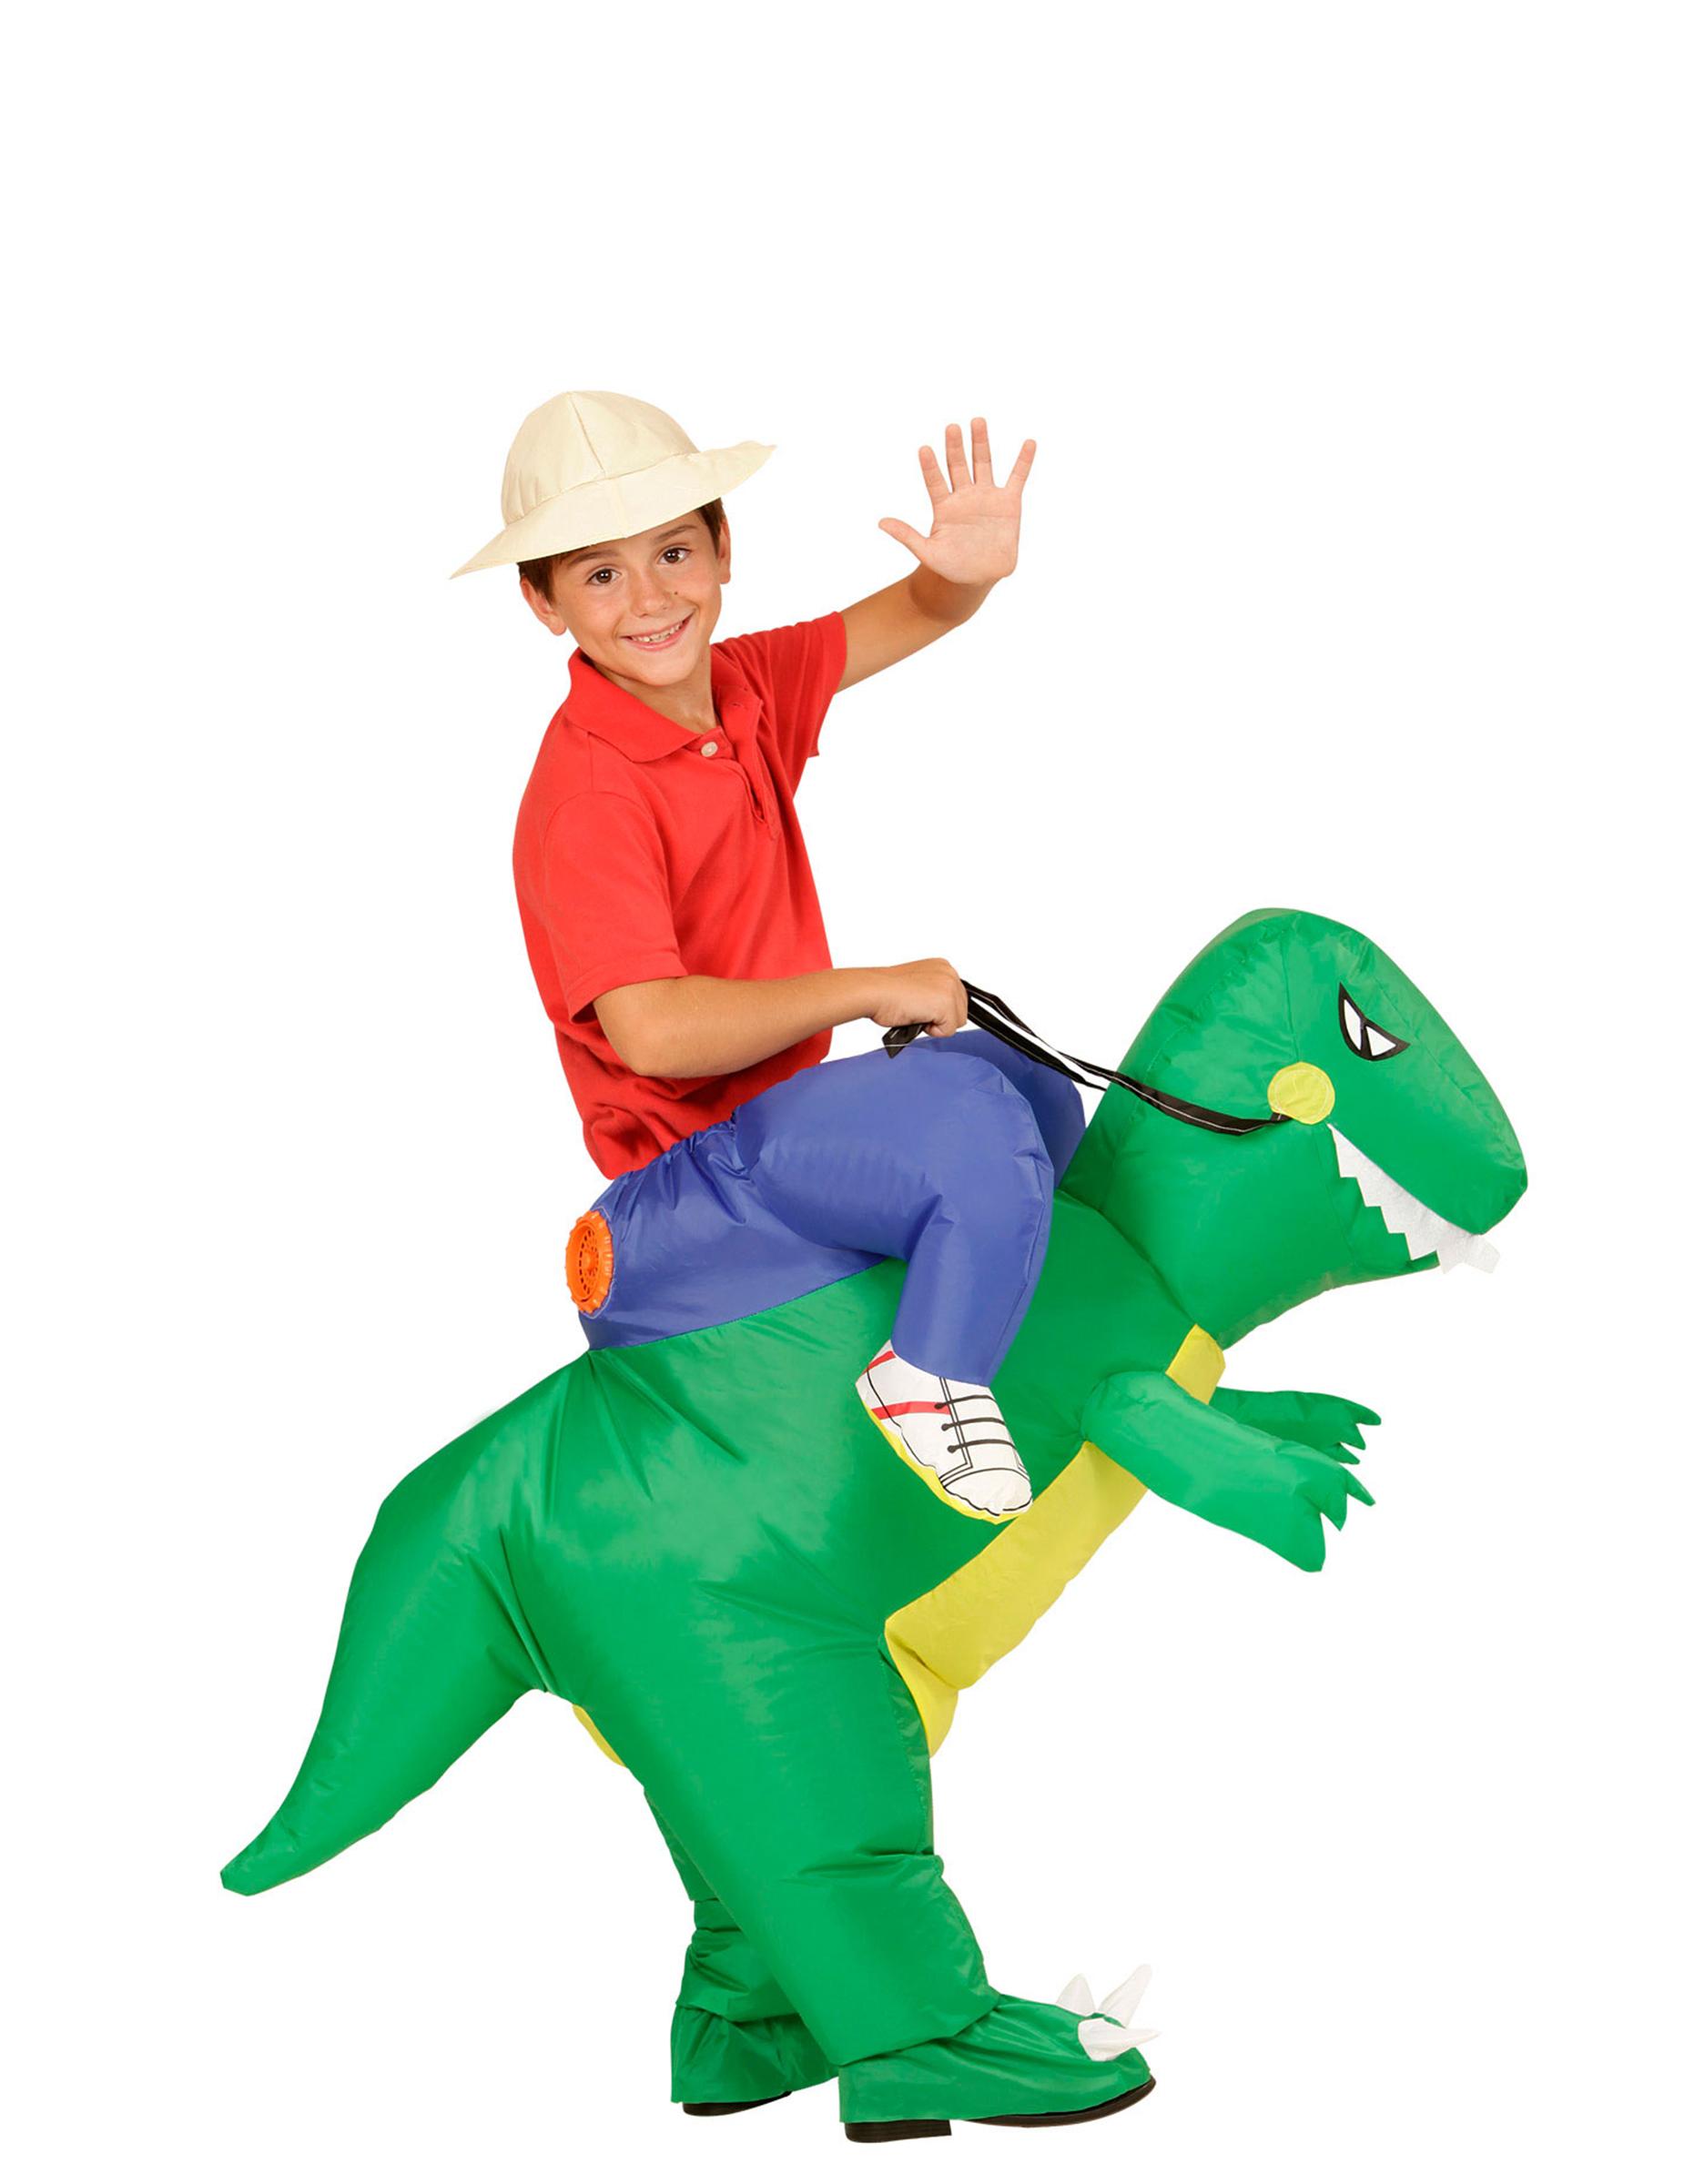 Kostume Udforsker På Ryggen Af Dinosaur Til Børn Køb Kostumer Til